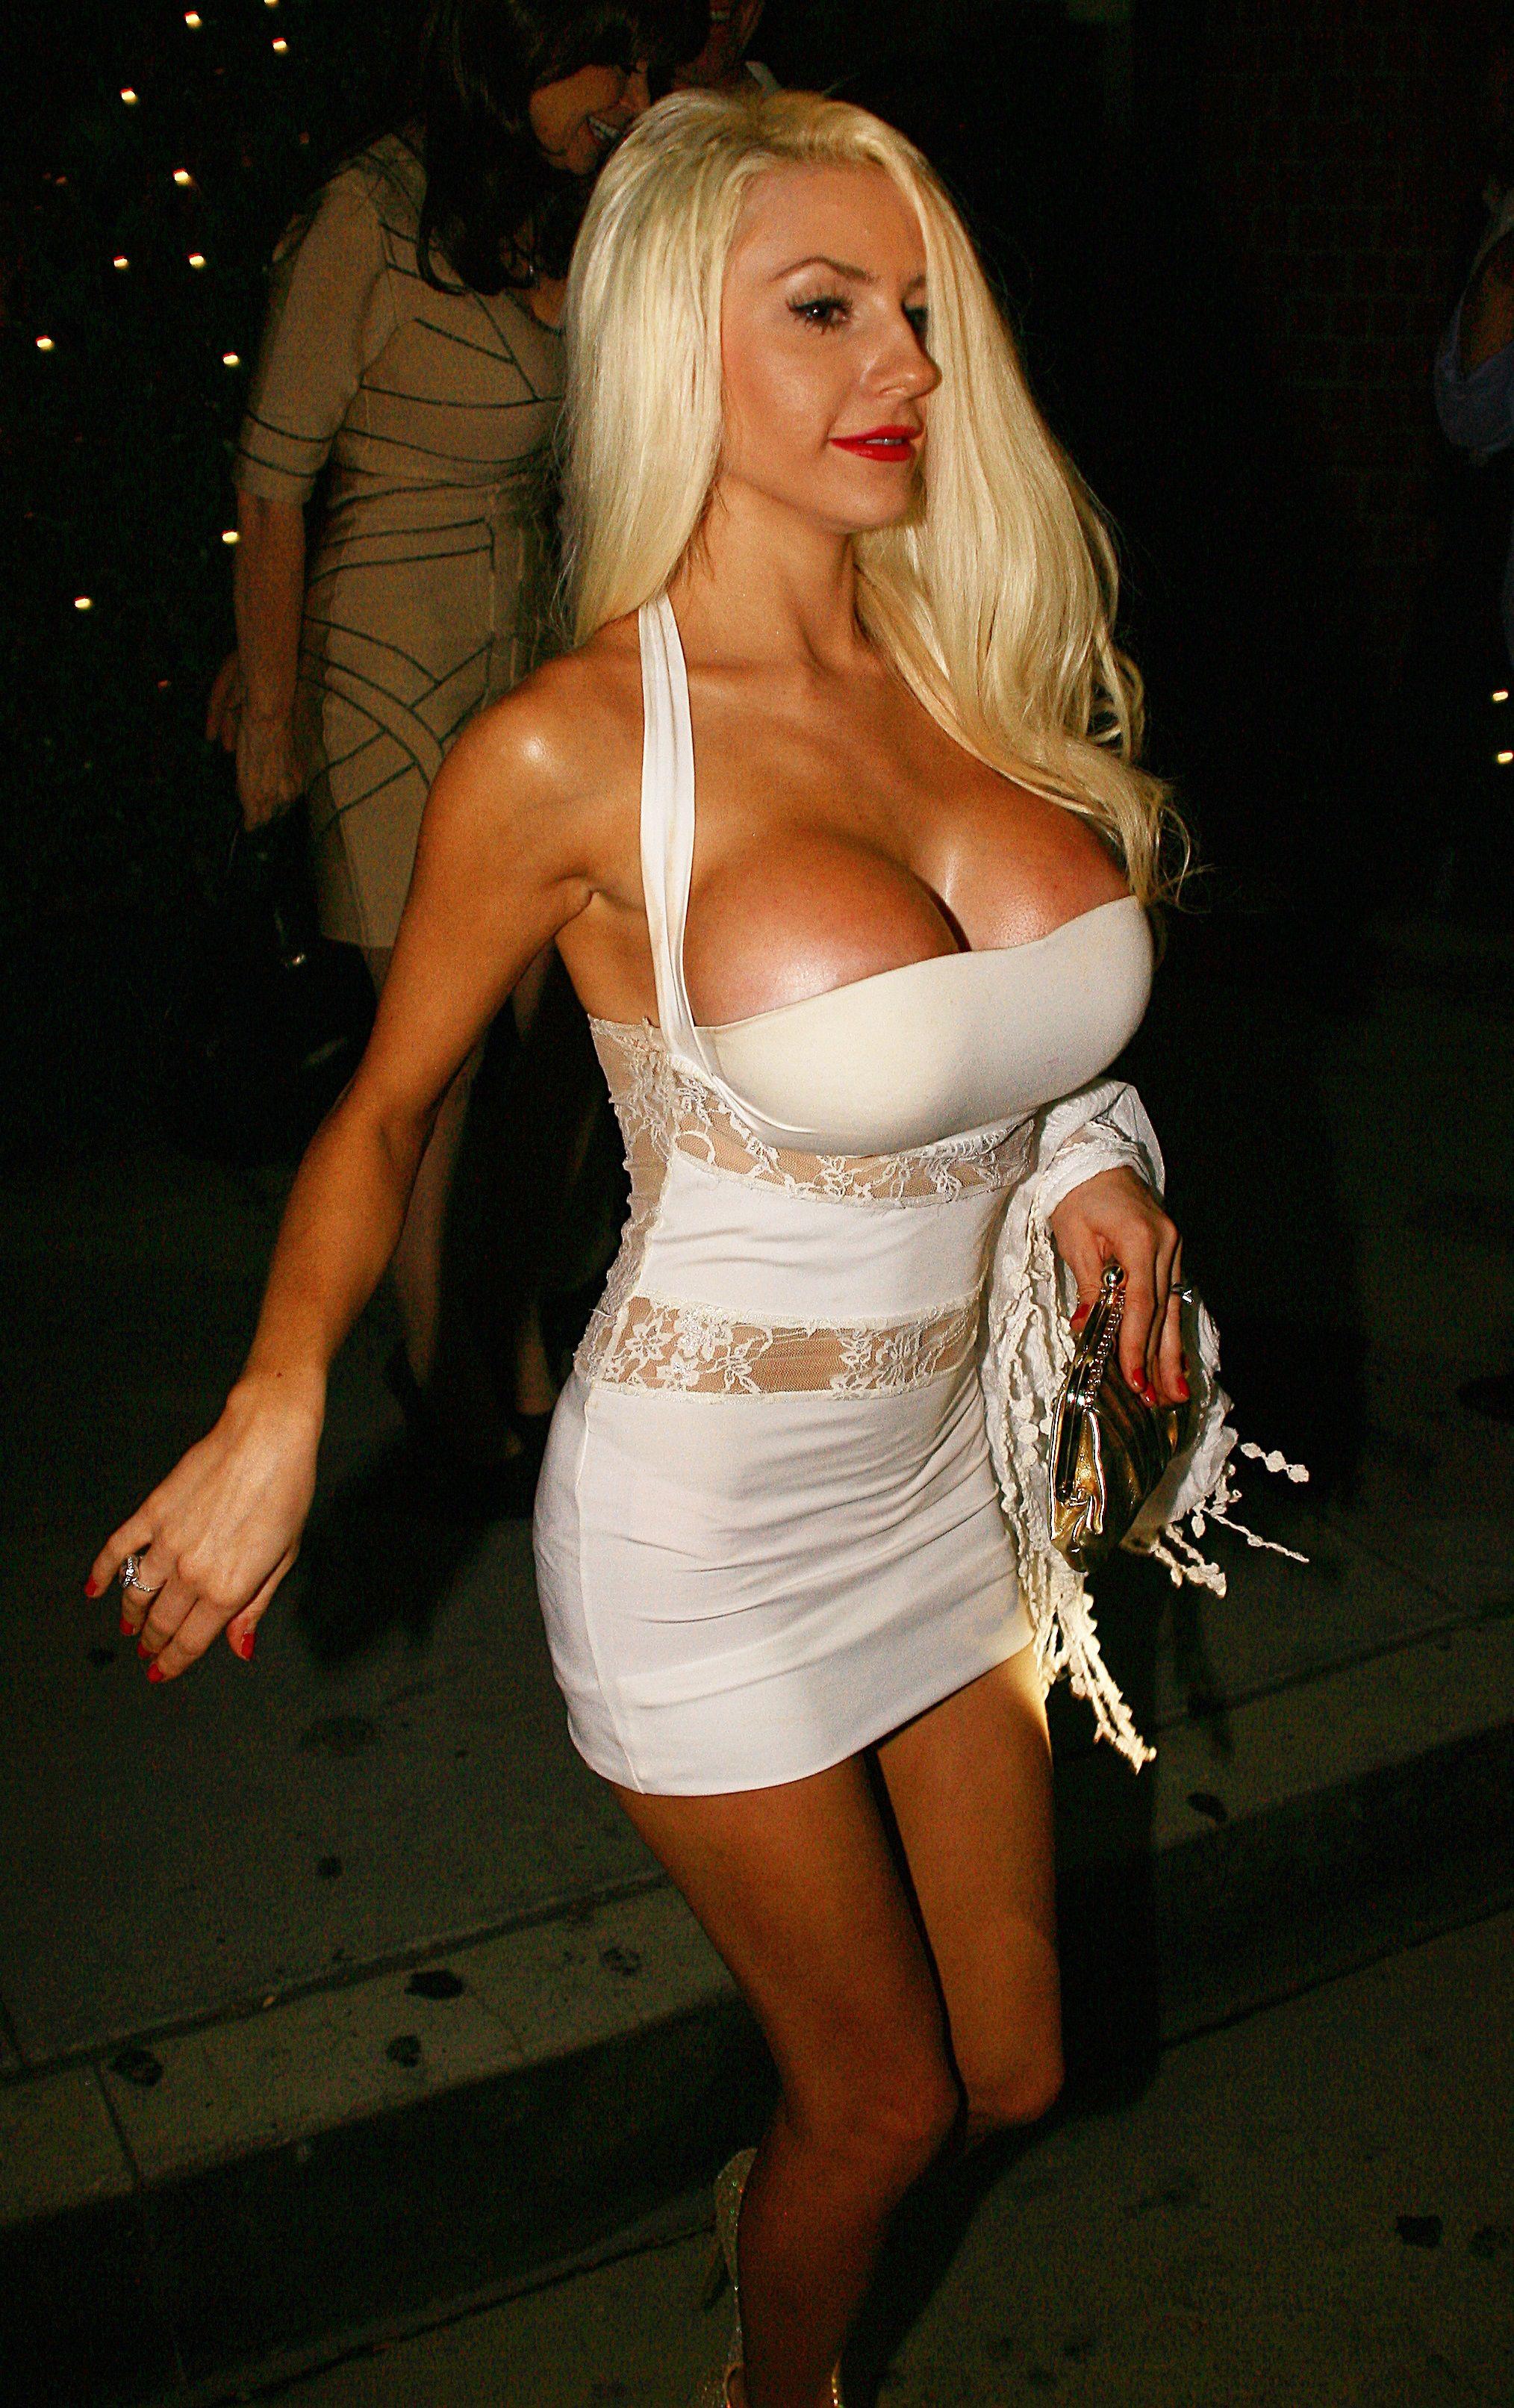 naked (41 photos), Ass Celebrity photos